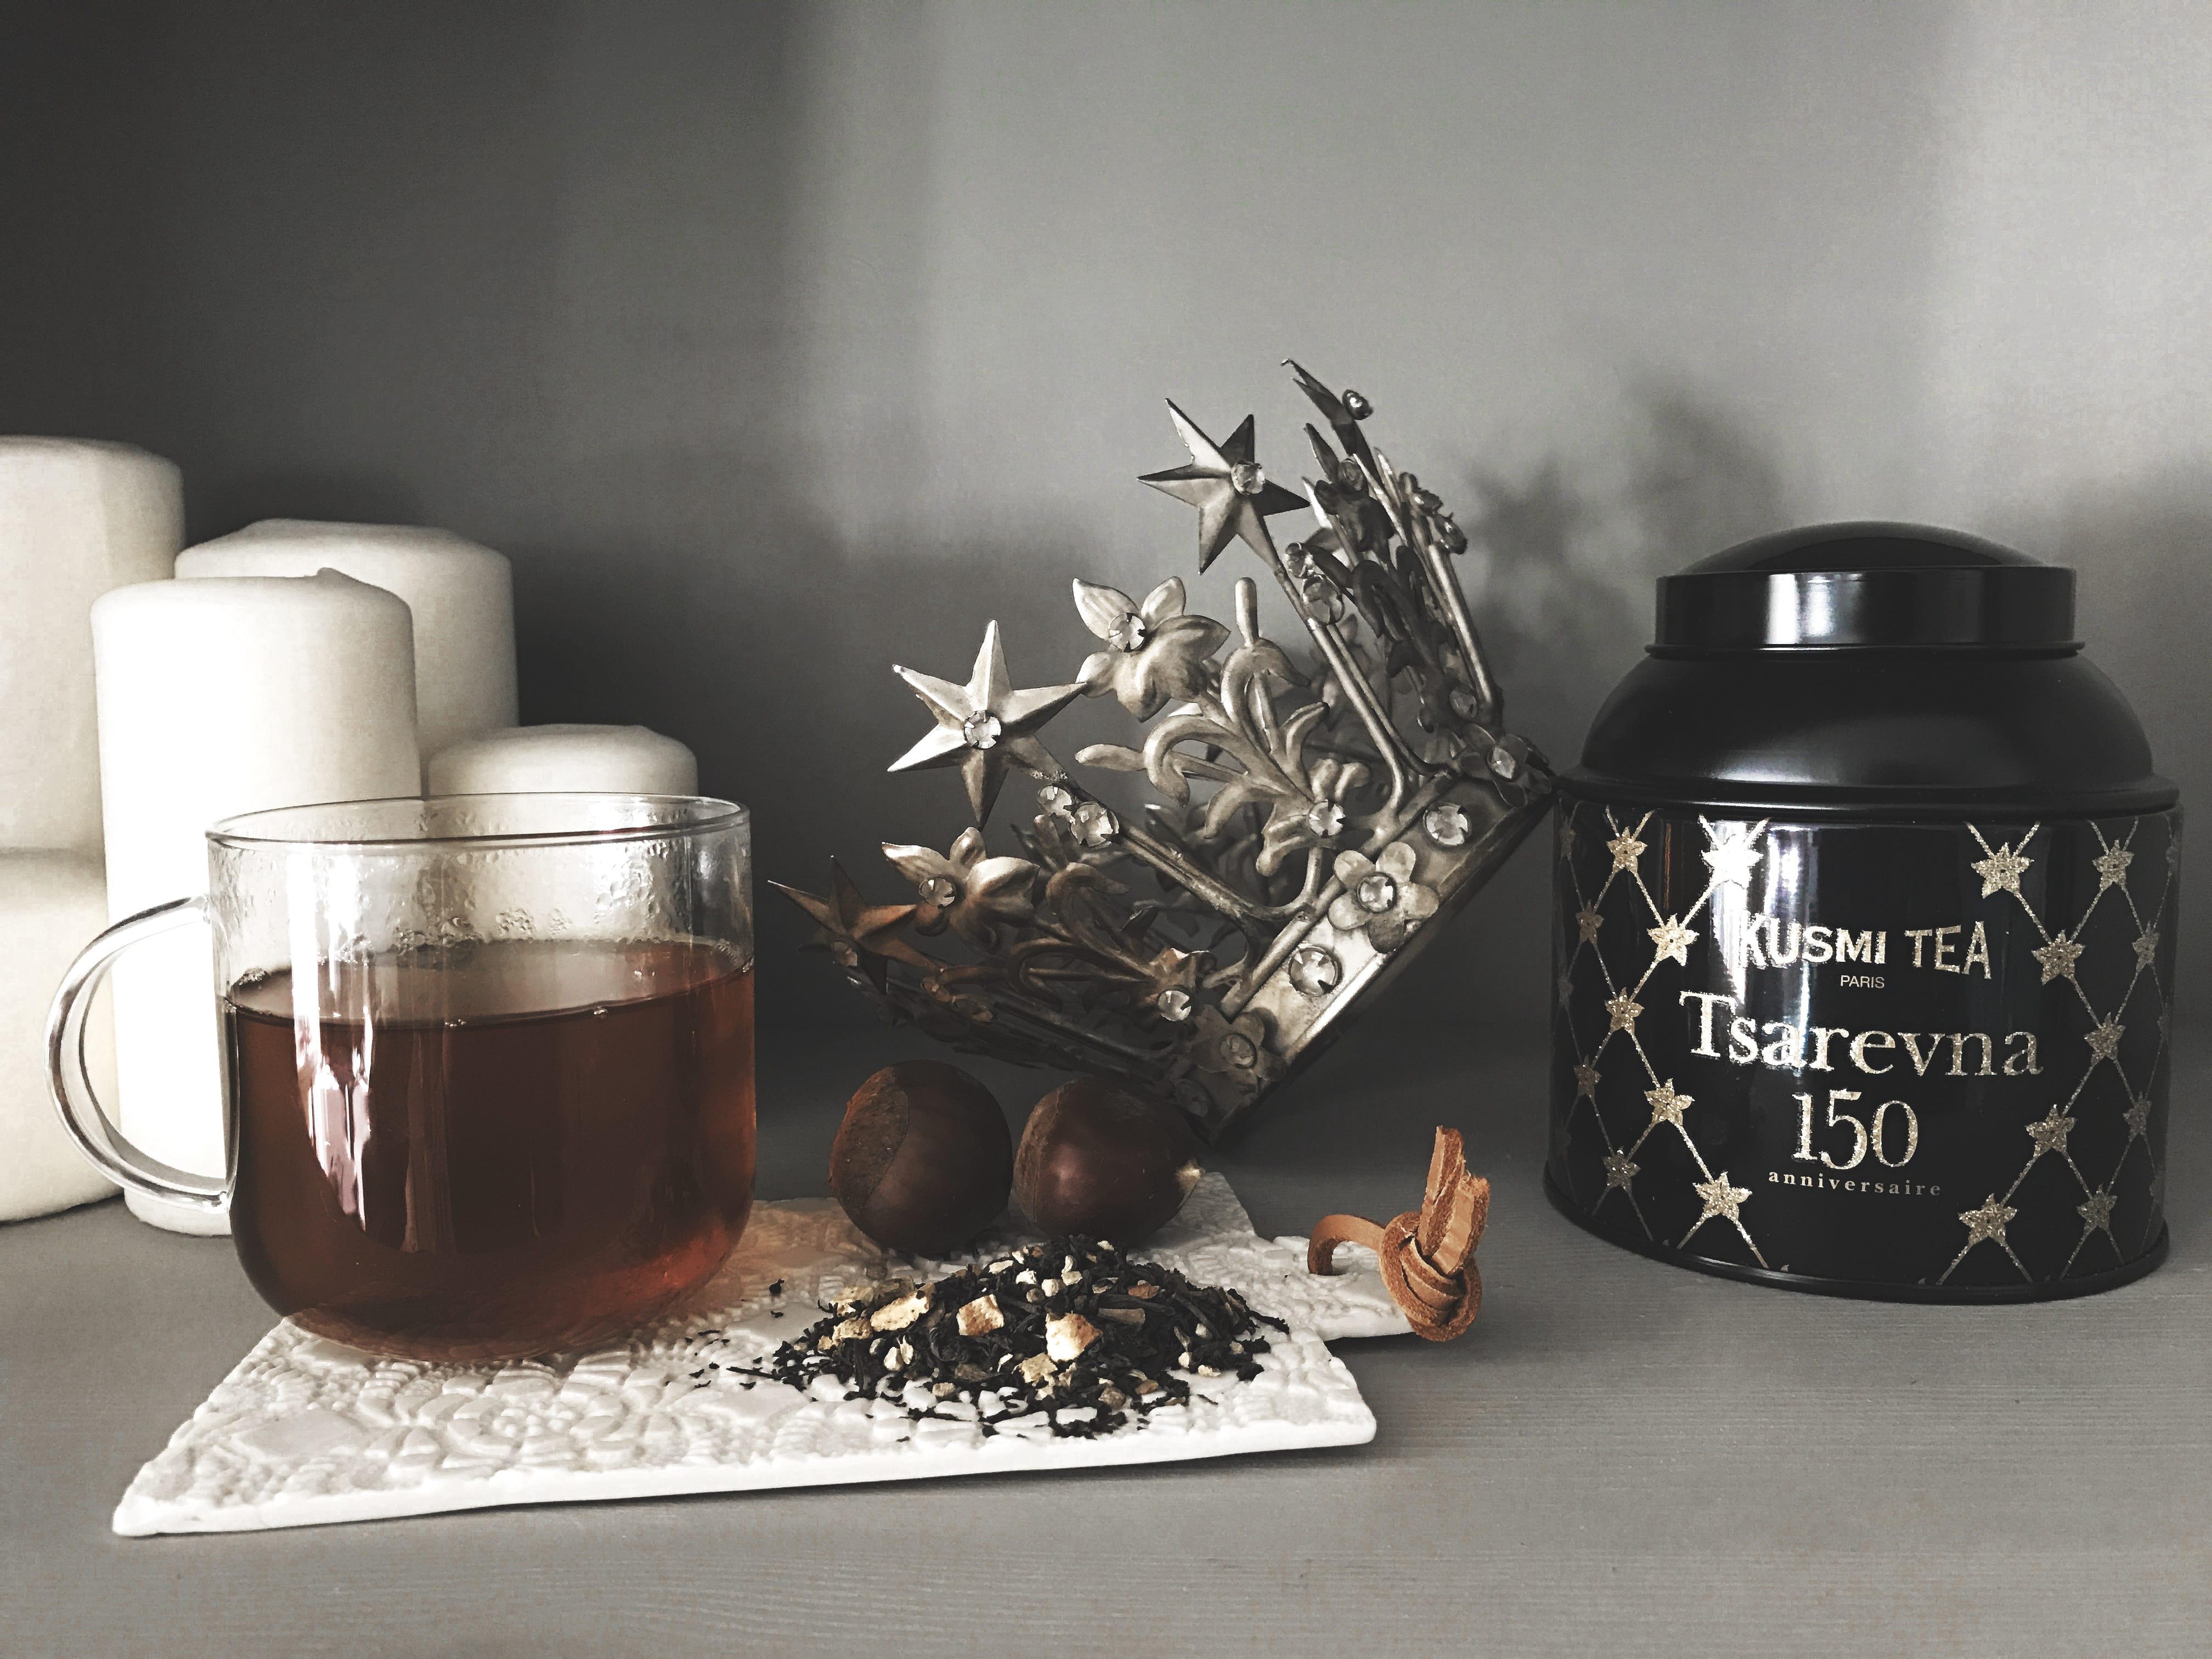 Tsarevna, thé impérial russe.